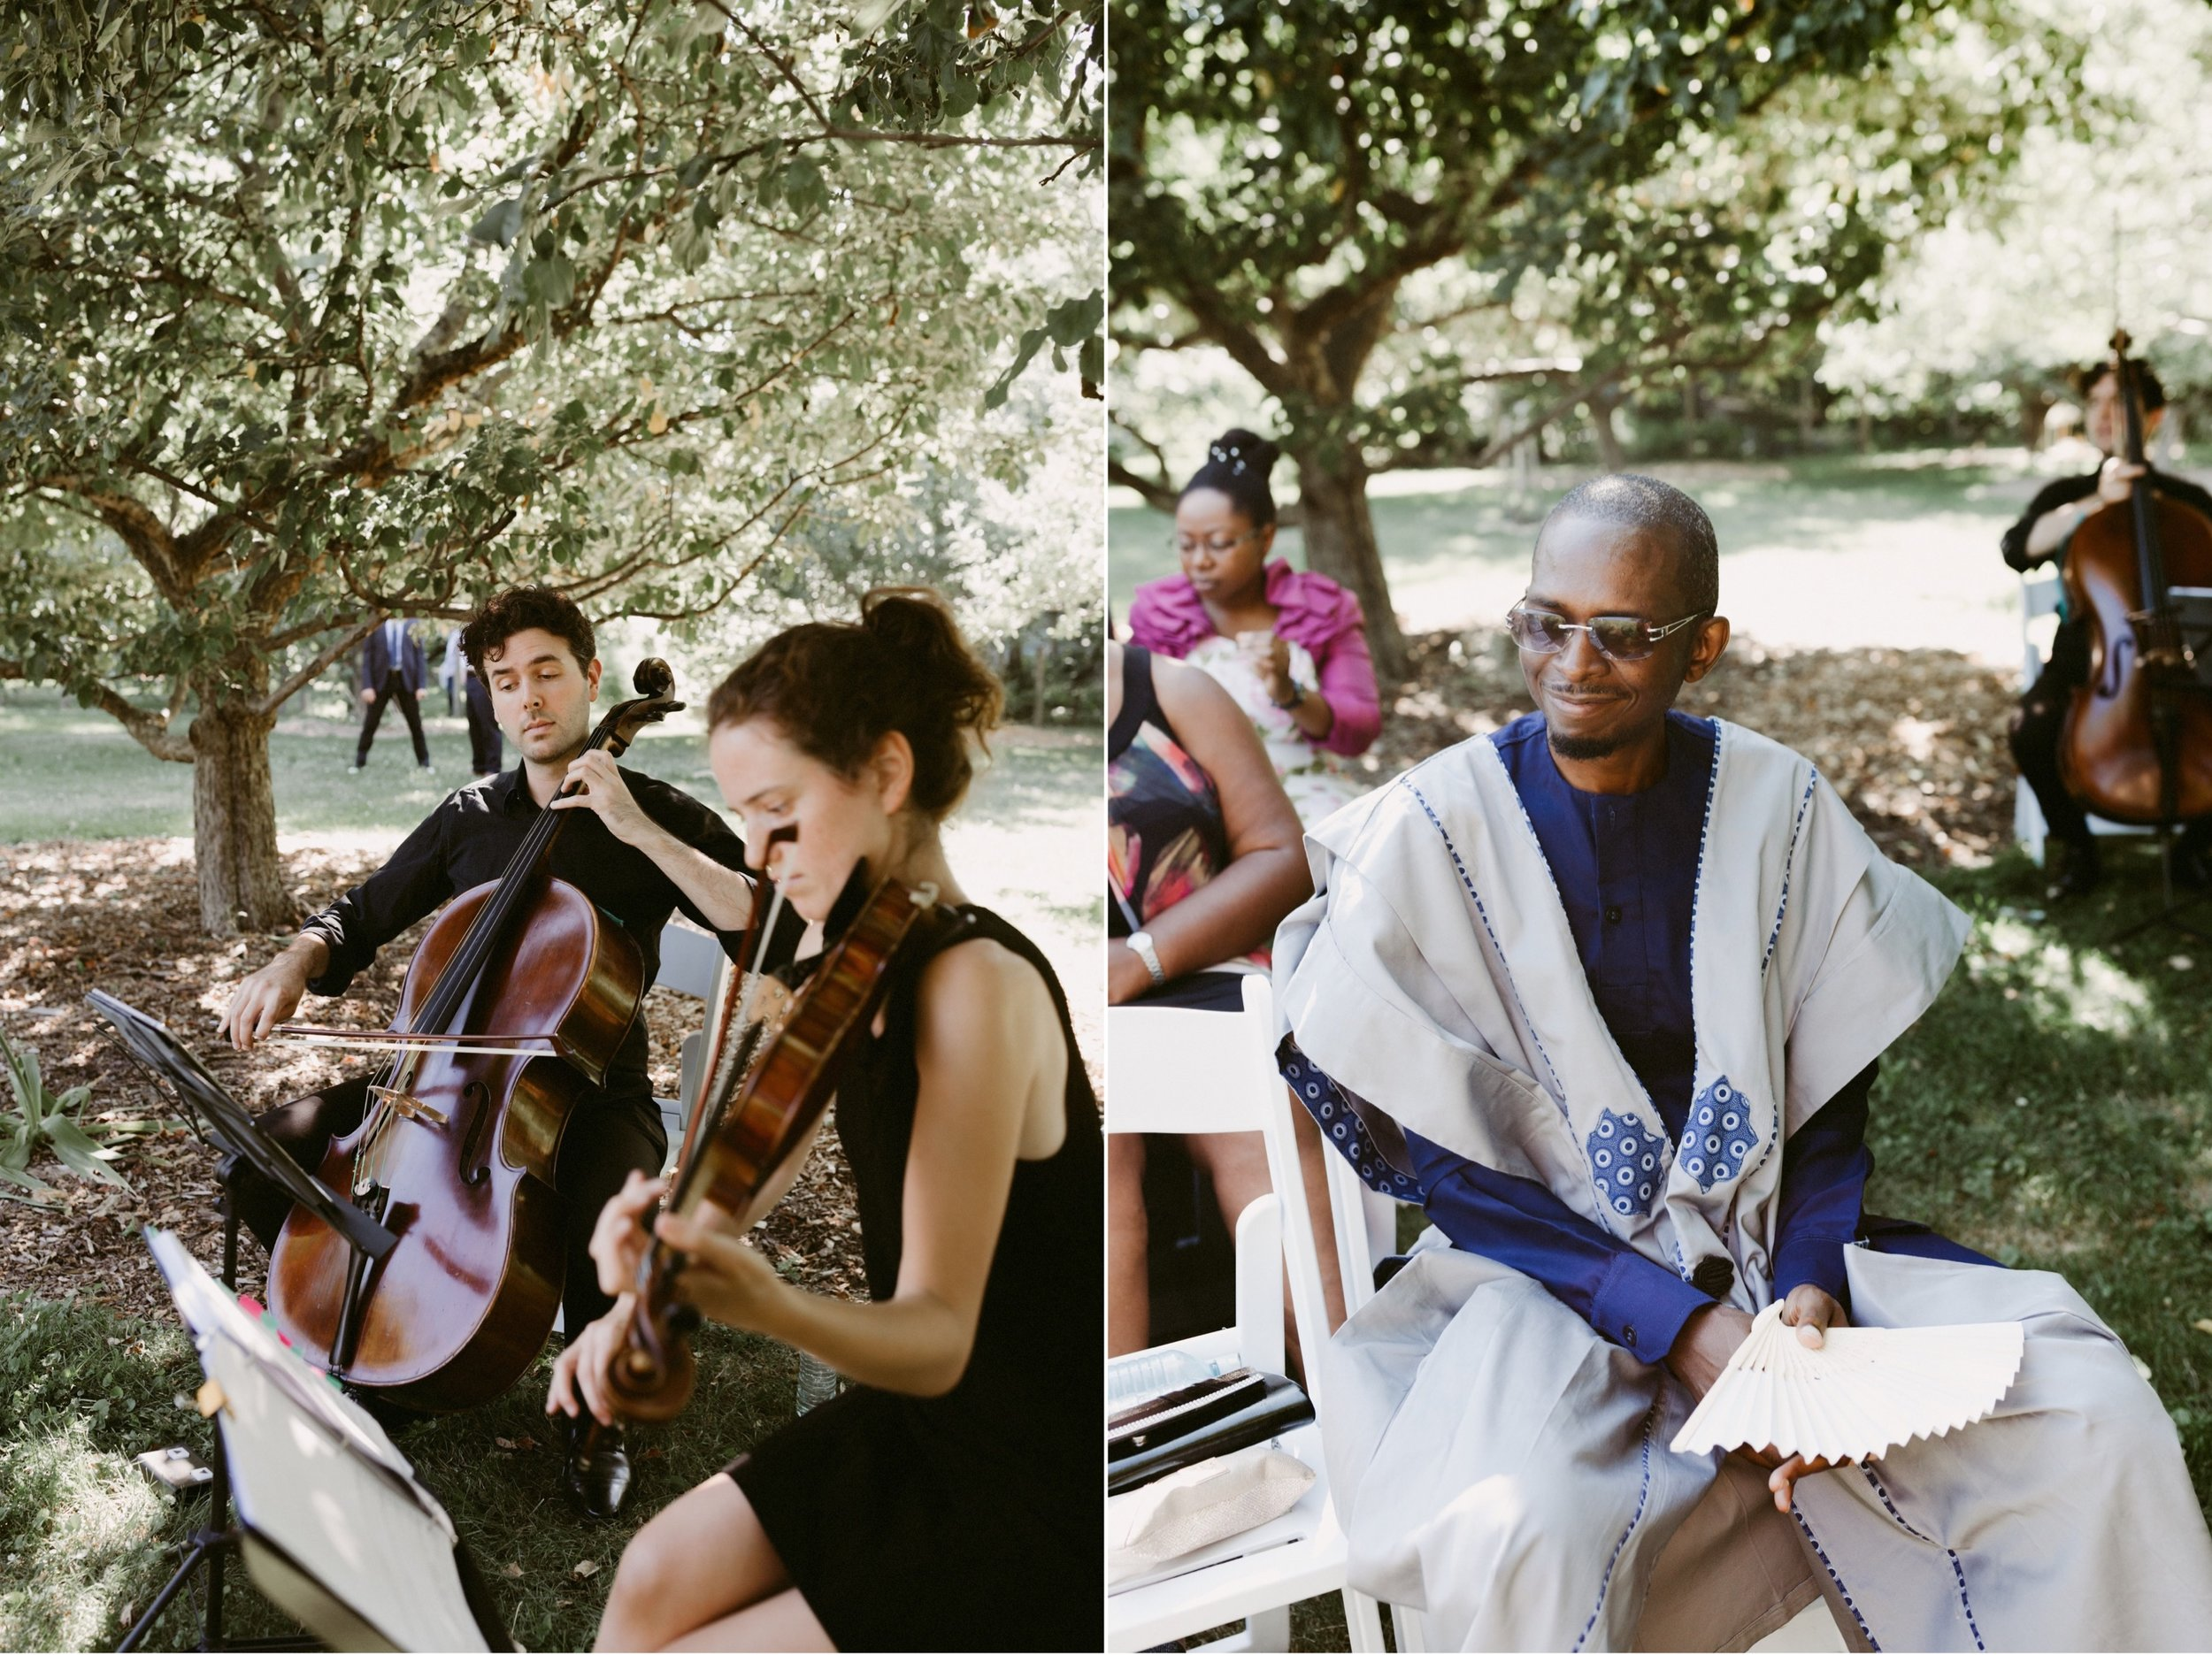 022_Spadina House Wedding (108 of 748)_Spadina House Wedding (114 of 748).jpg